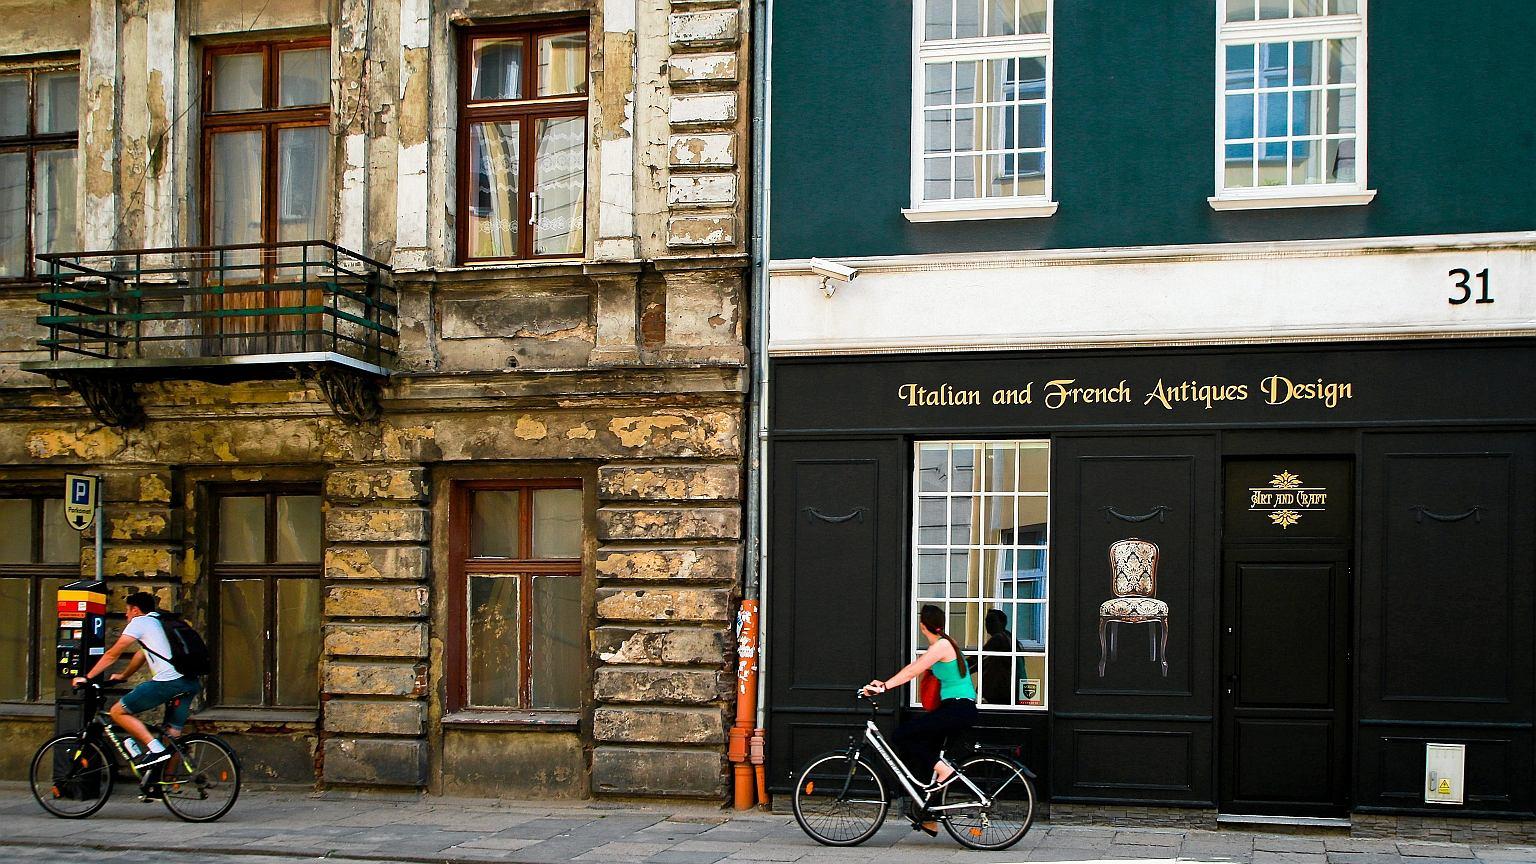 Łódź. Po prawej zrewitalizowana kamienica, po lewej jej sąsiadka czekająca na lepsze czasy